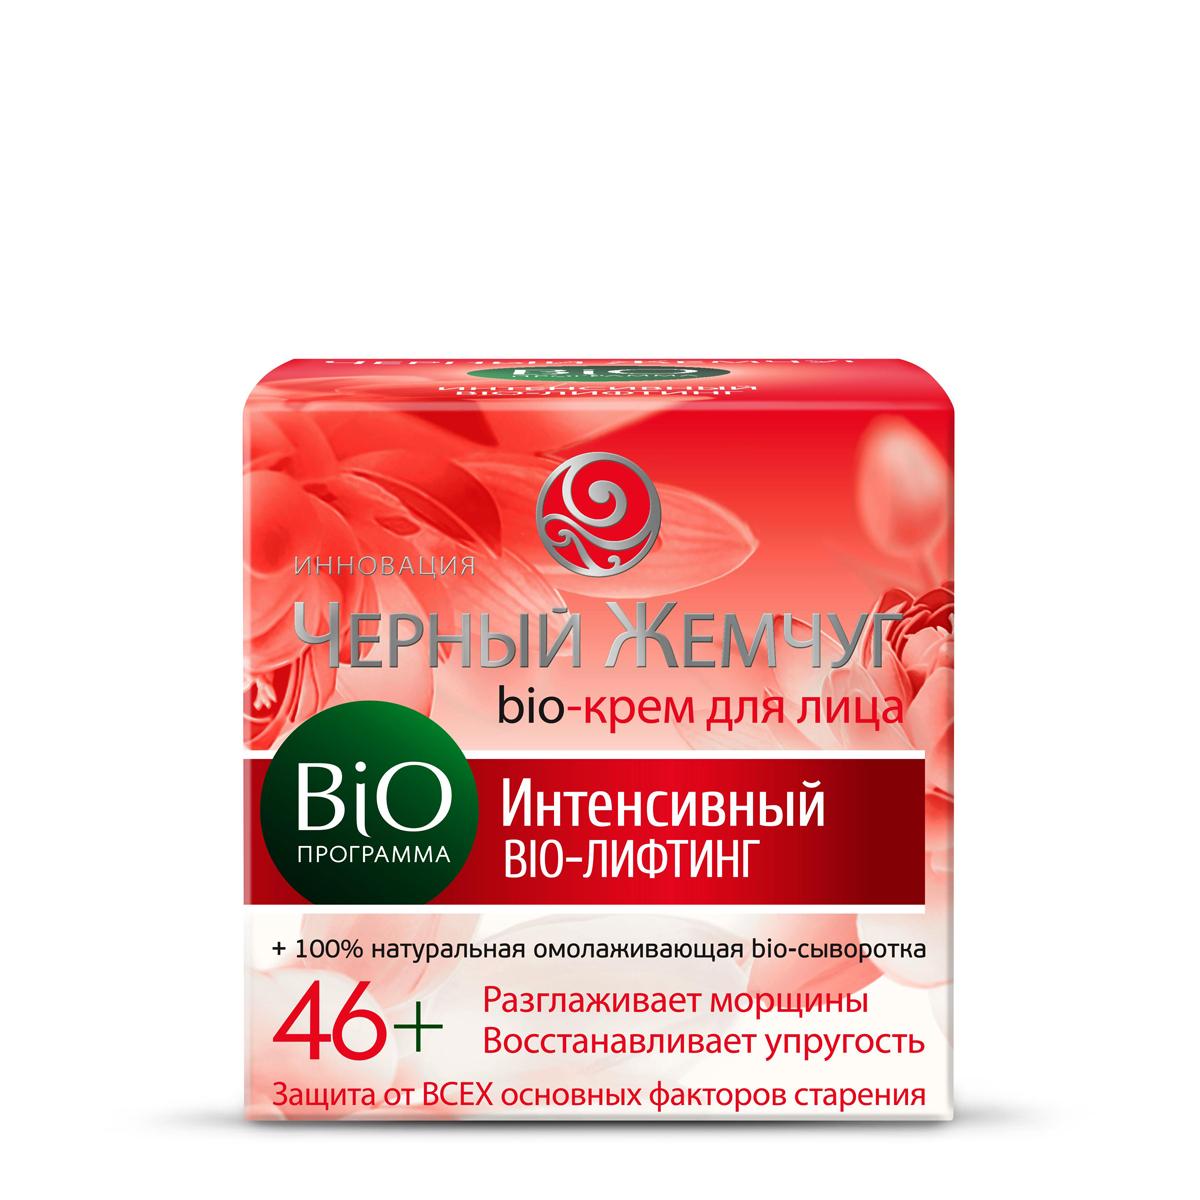 Черный Жемчуг Bio-Программа Крем для лица Интенсивное bio-питание 46+ 50 мл (Черный жемчуг)